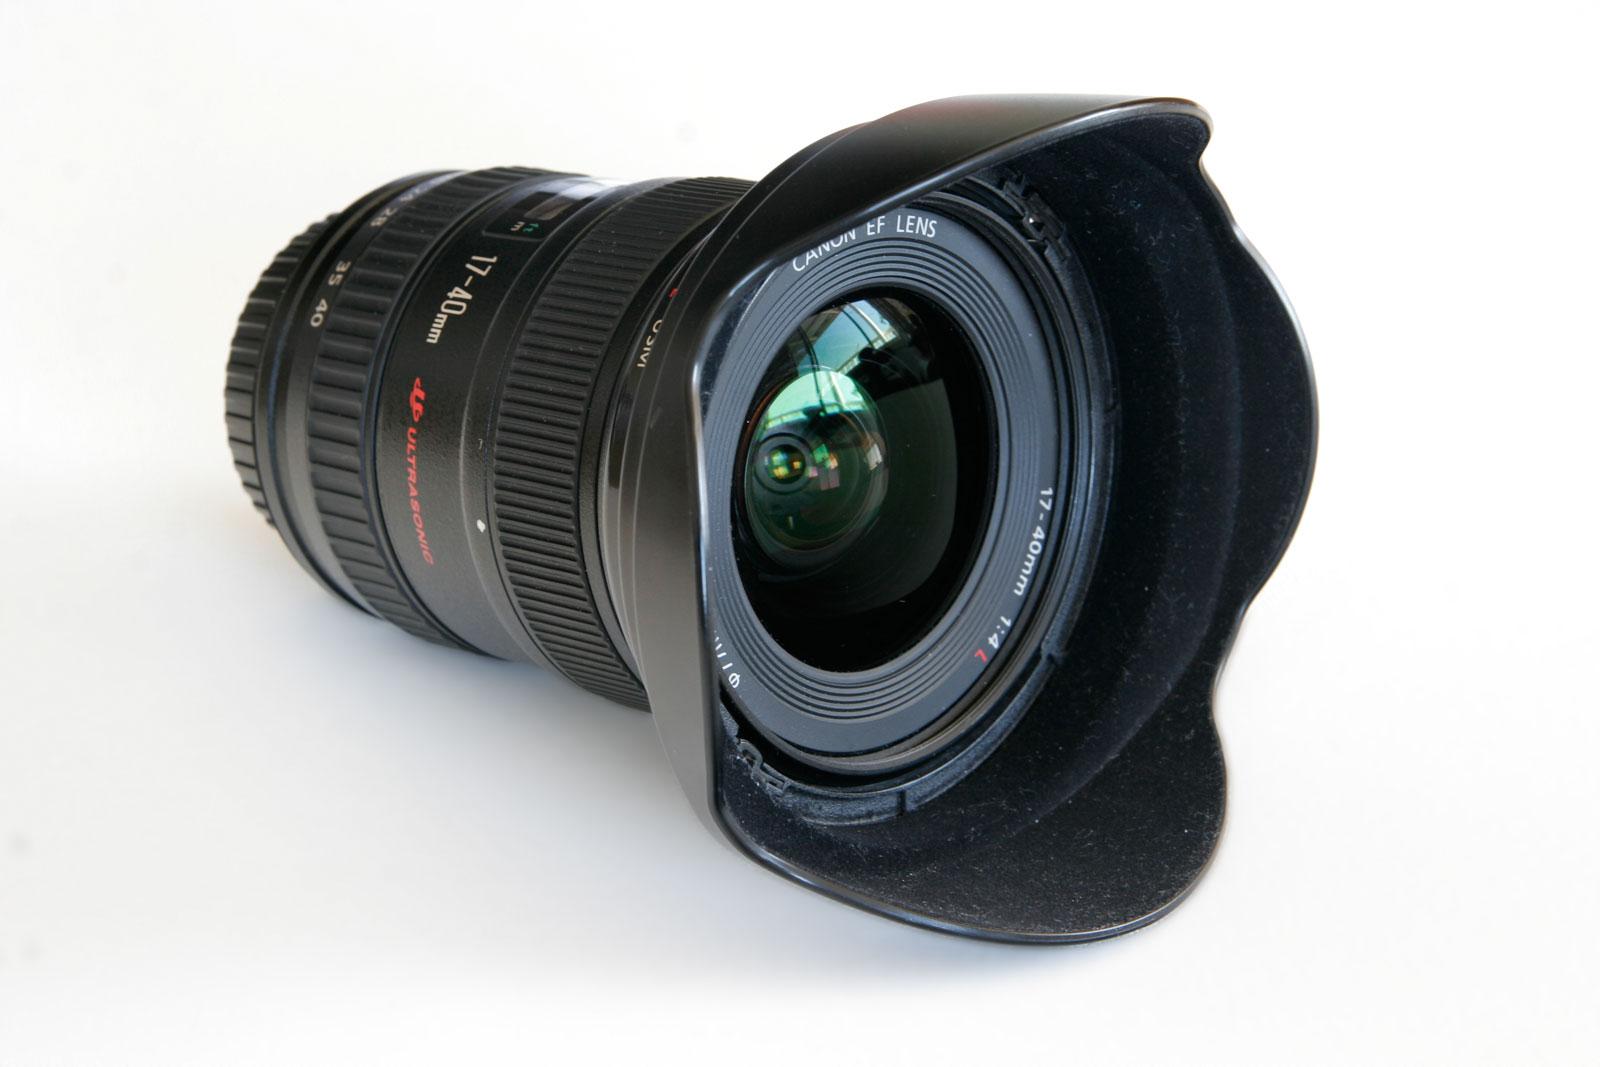 Canon_17-40_f4_L_lens.jpg